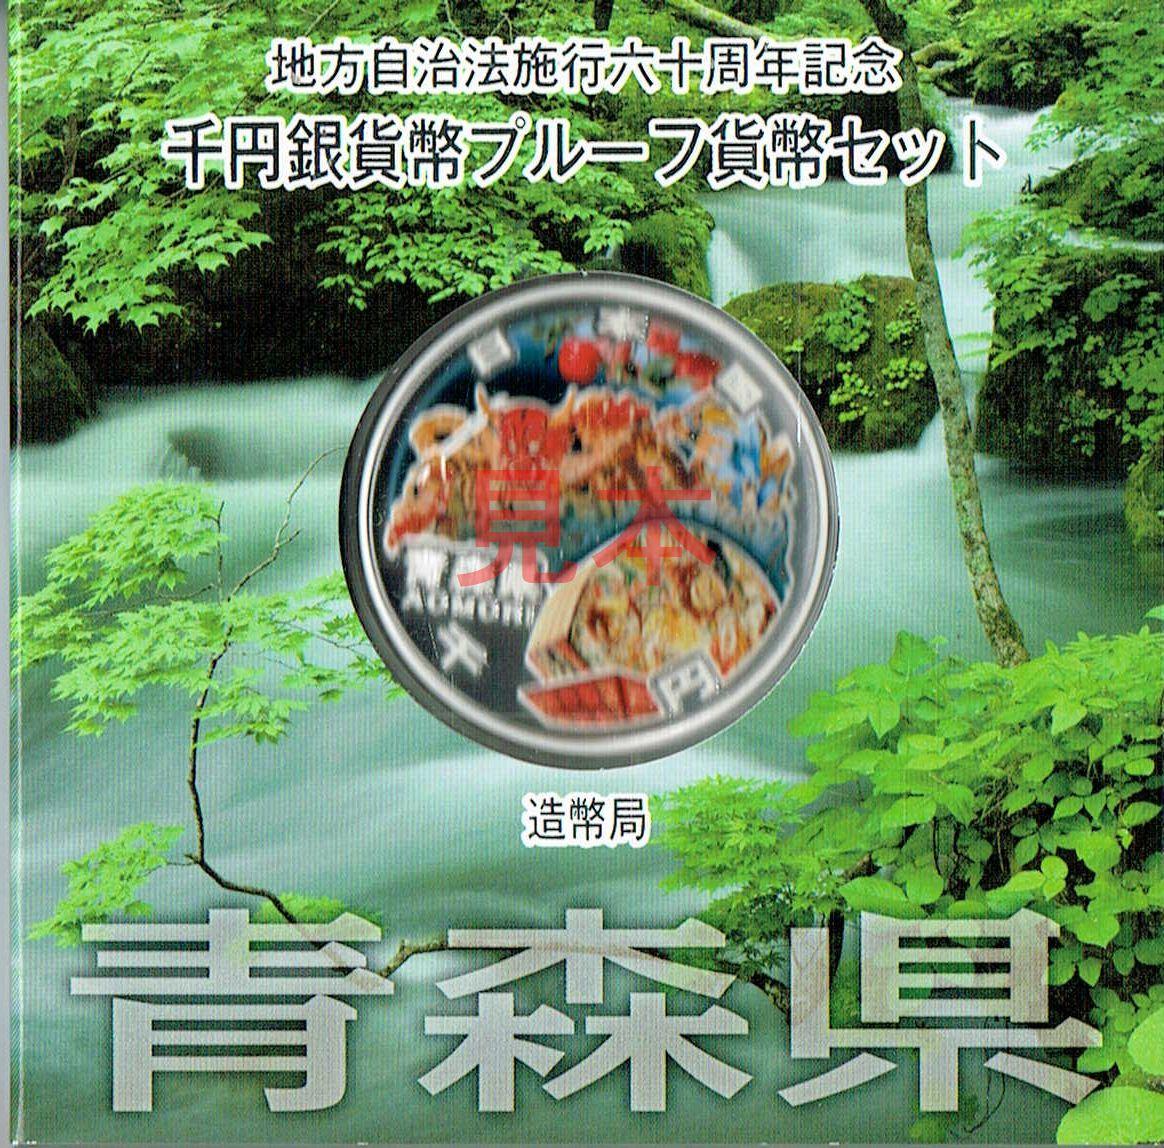 商品名「地方自治法施行60周年記念千円銀貨幣プルーフ Aセット 青森県」